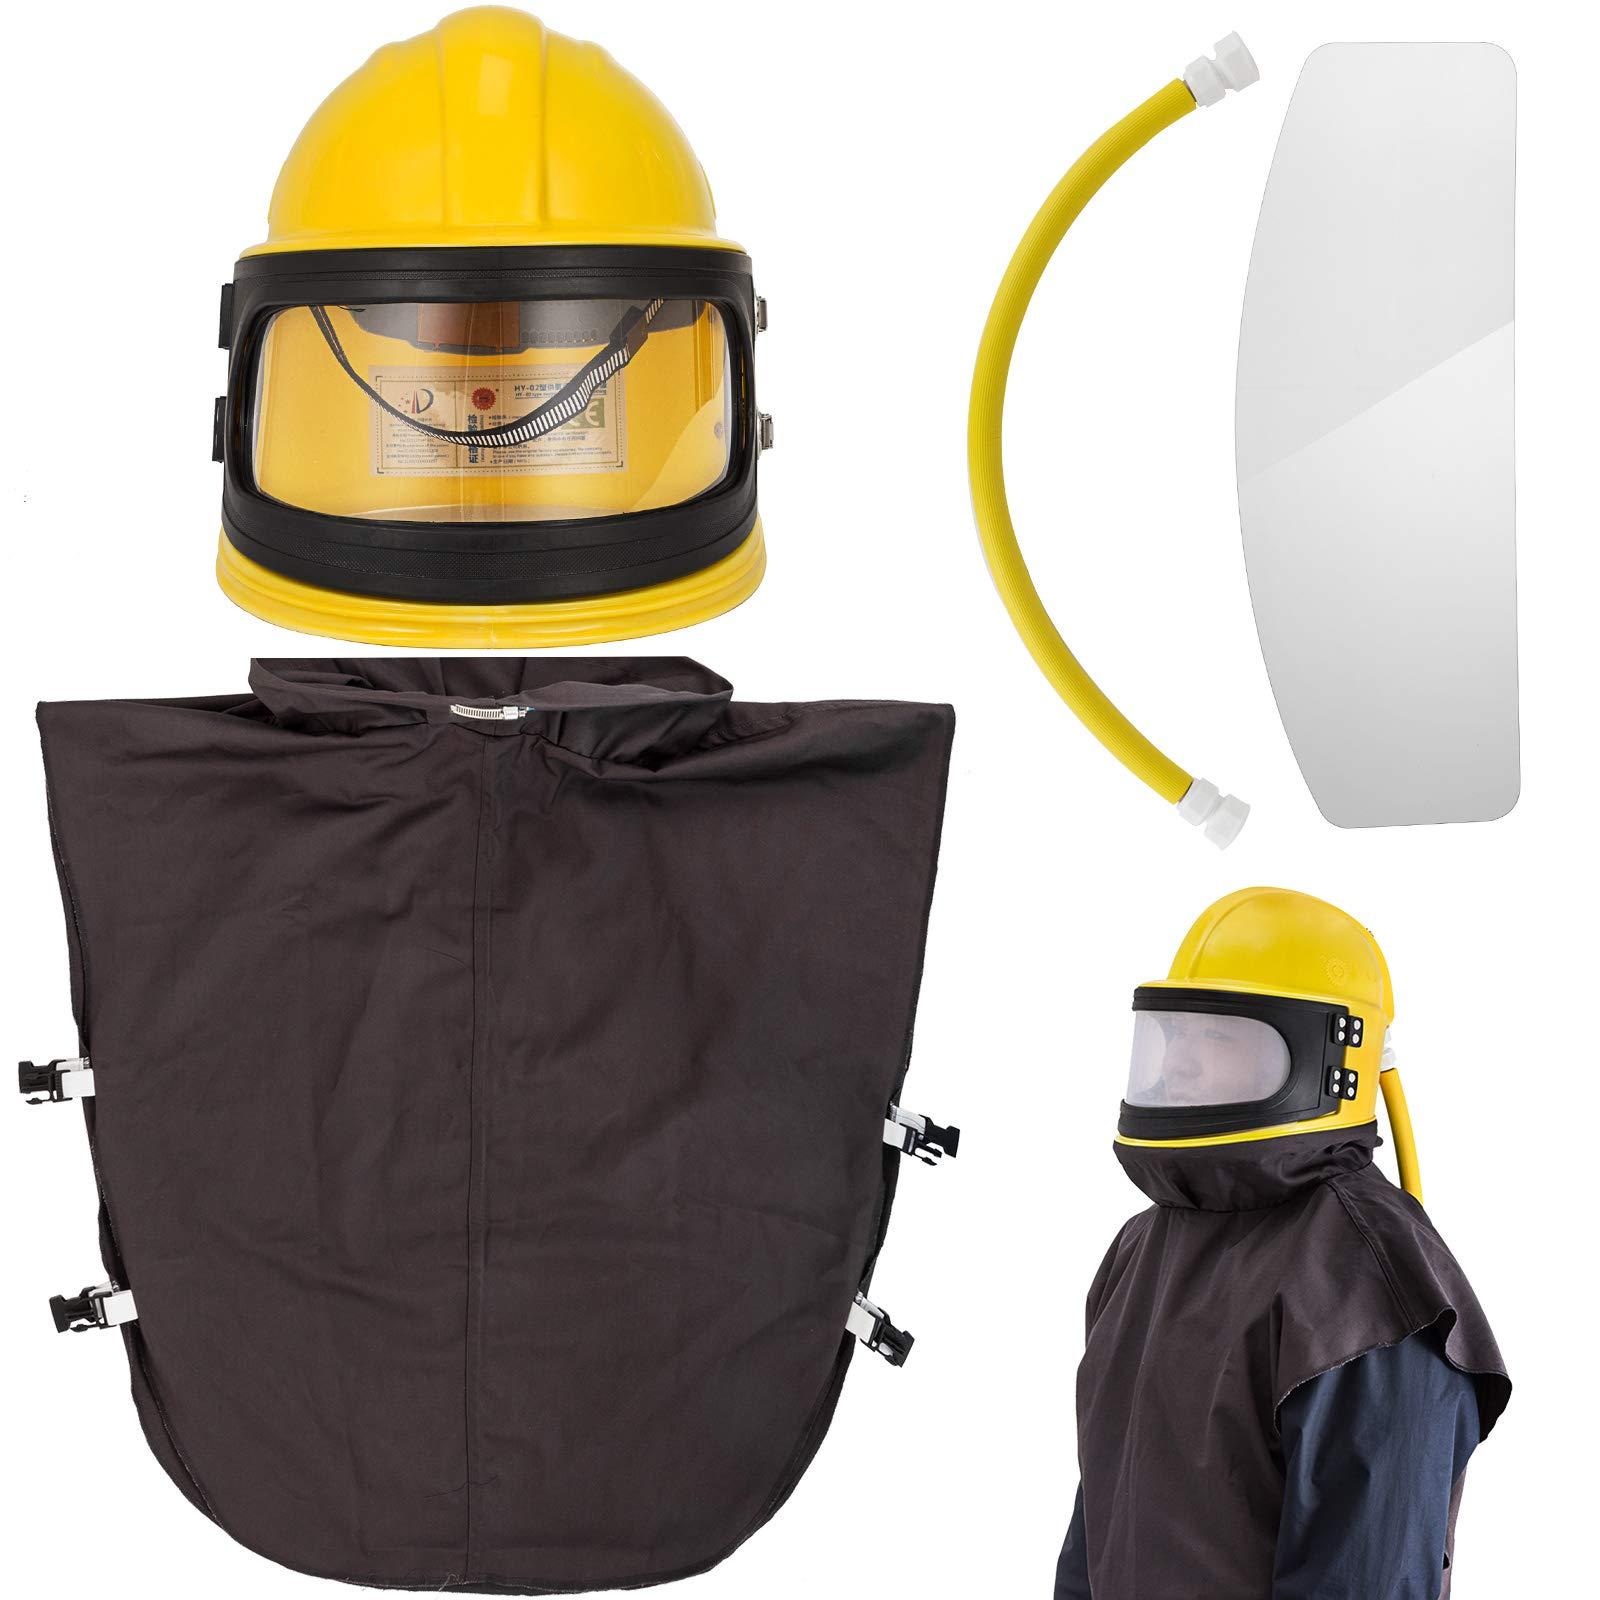 BestEquip Air Supplied Safety Sandblast Helmet Sandblasting Hood Protector ABS Helmet Sandblasting(Red Or Yellow Send Randomly) by BestEquip